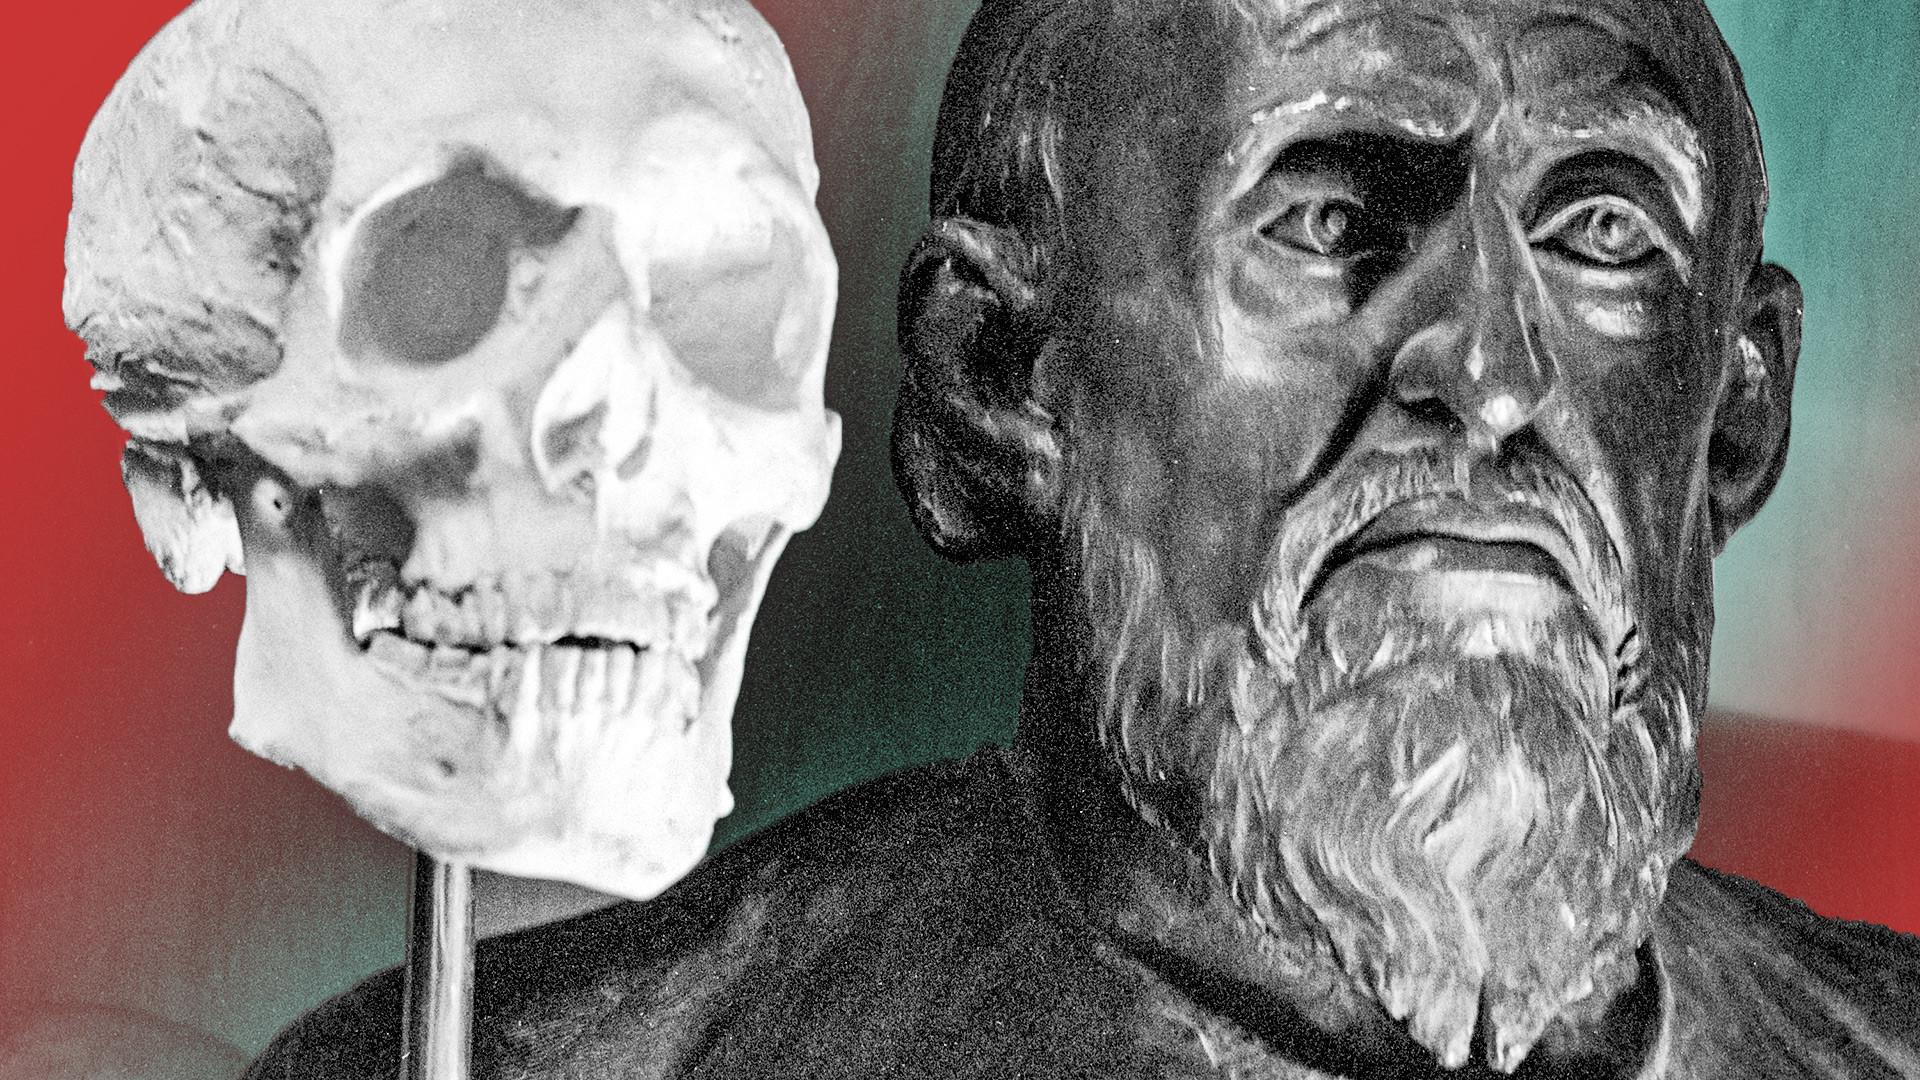 Главата на првиот руски цар Иван Грозни реконструирана според черепот со помош на стерометрија. Лабораторија за пластична антропологија.